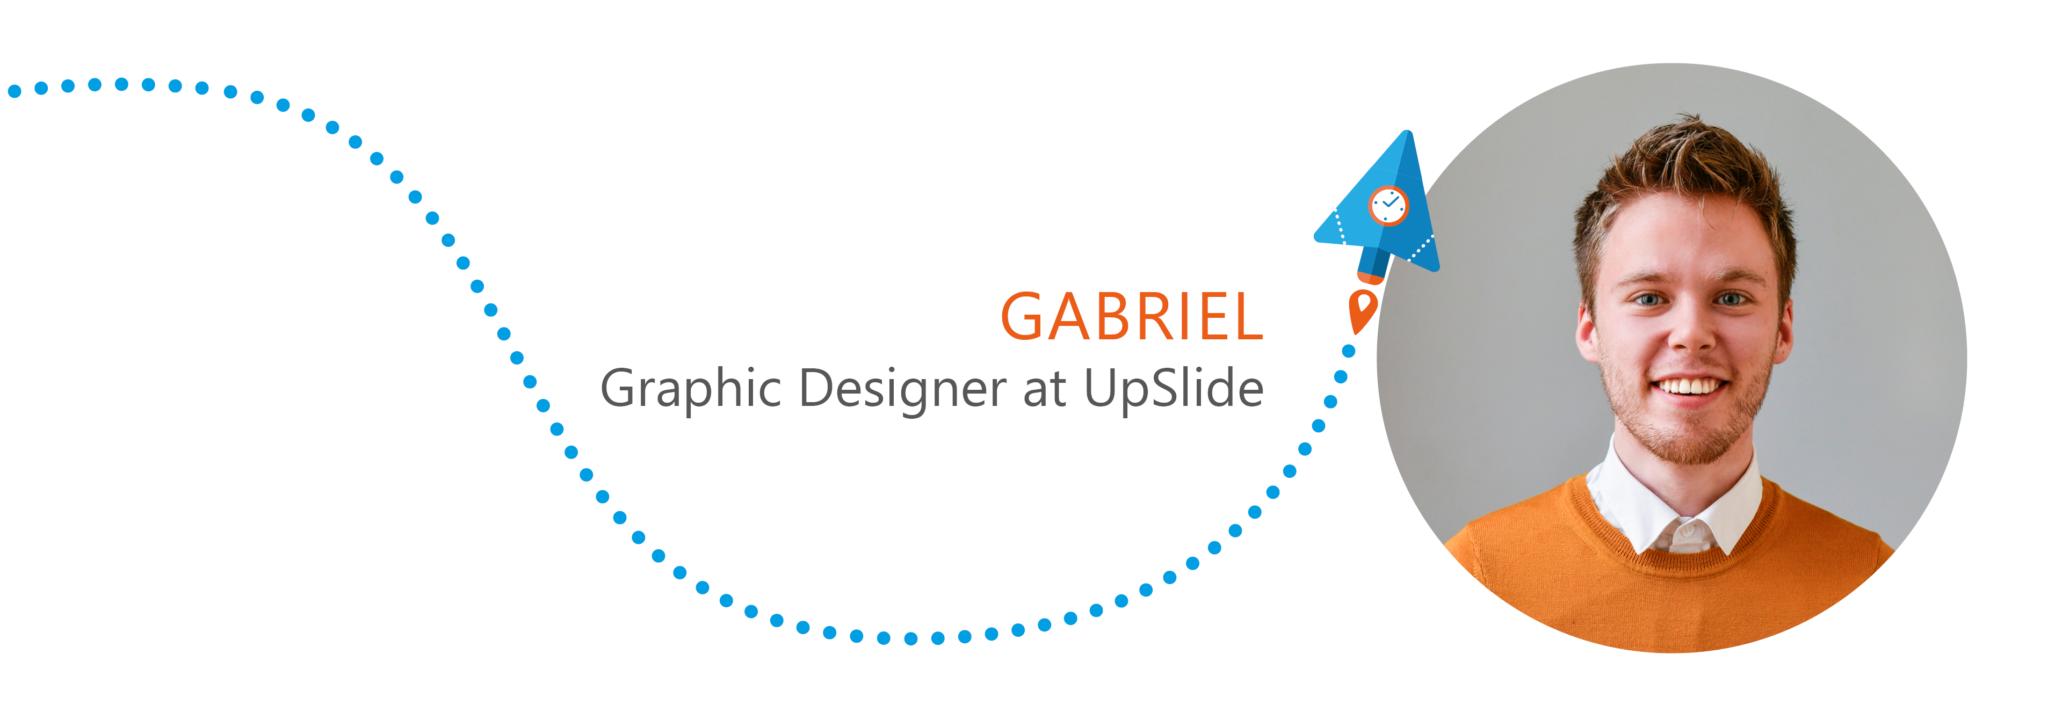 Introducing Gabriel, Graphic Designer